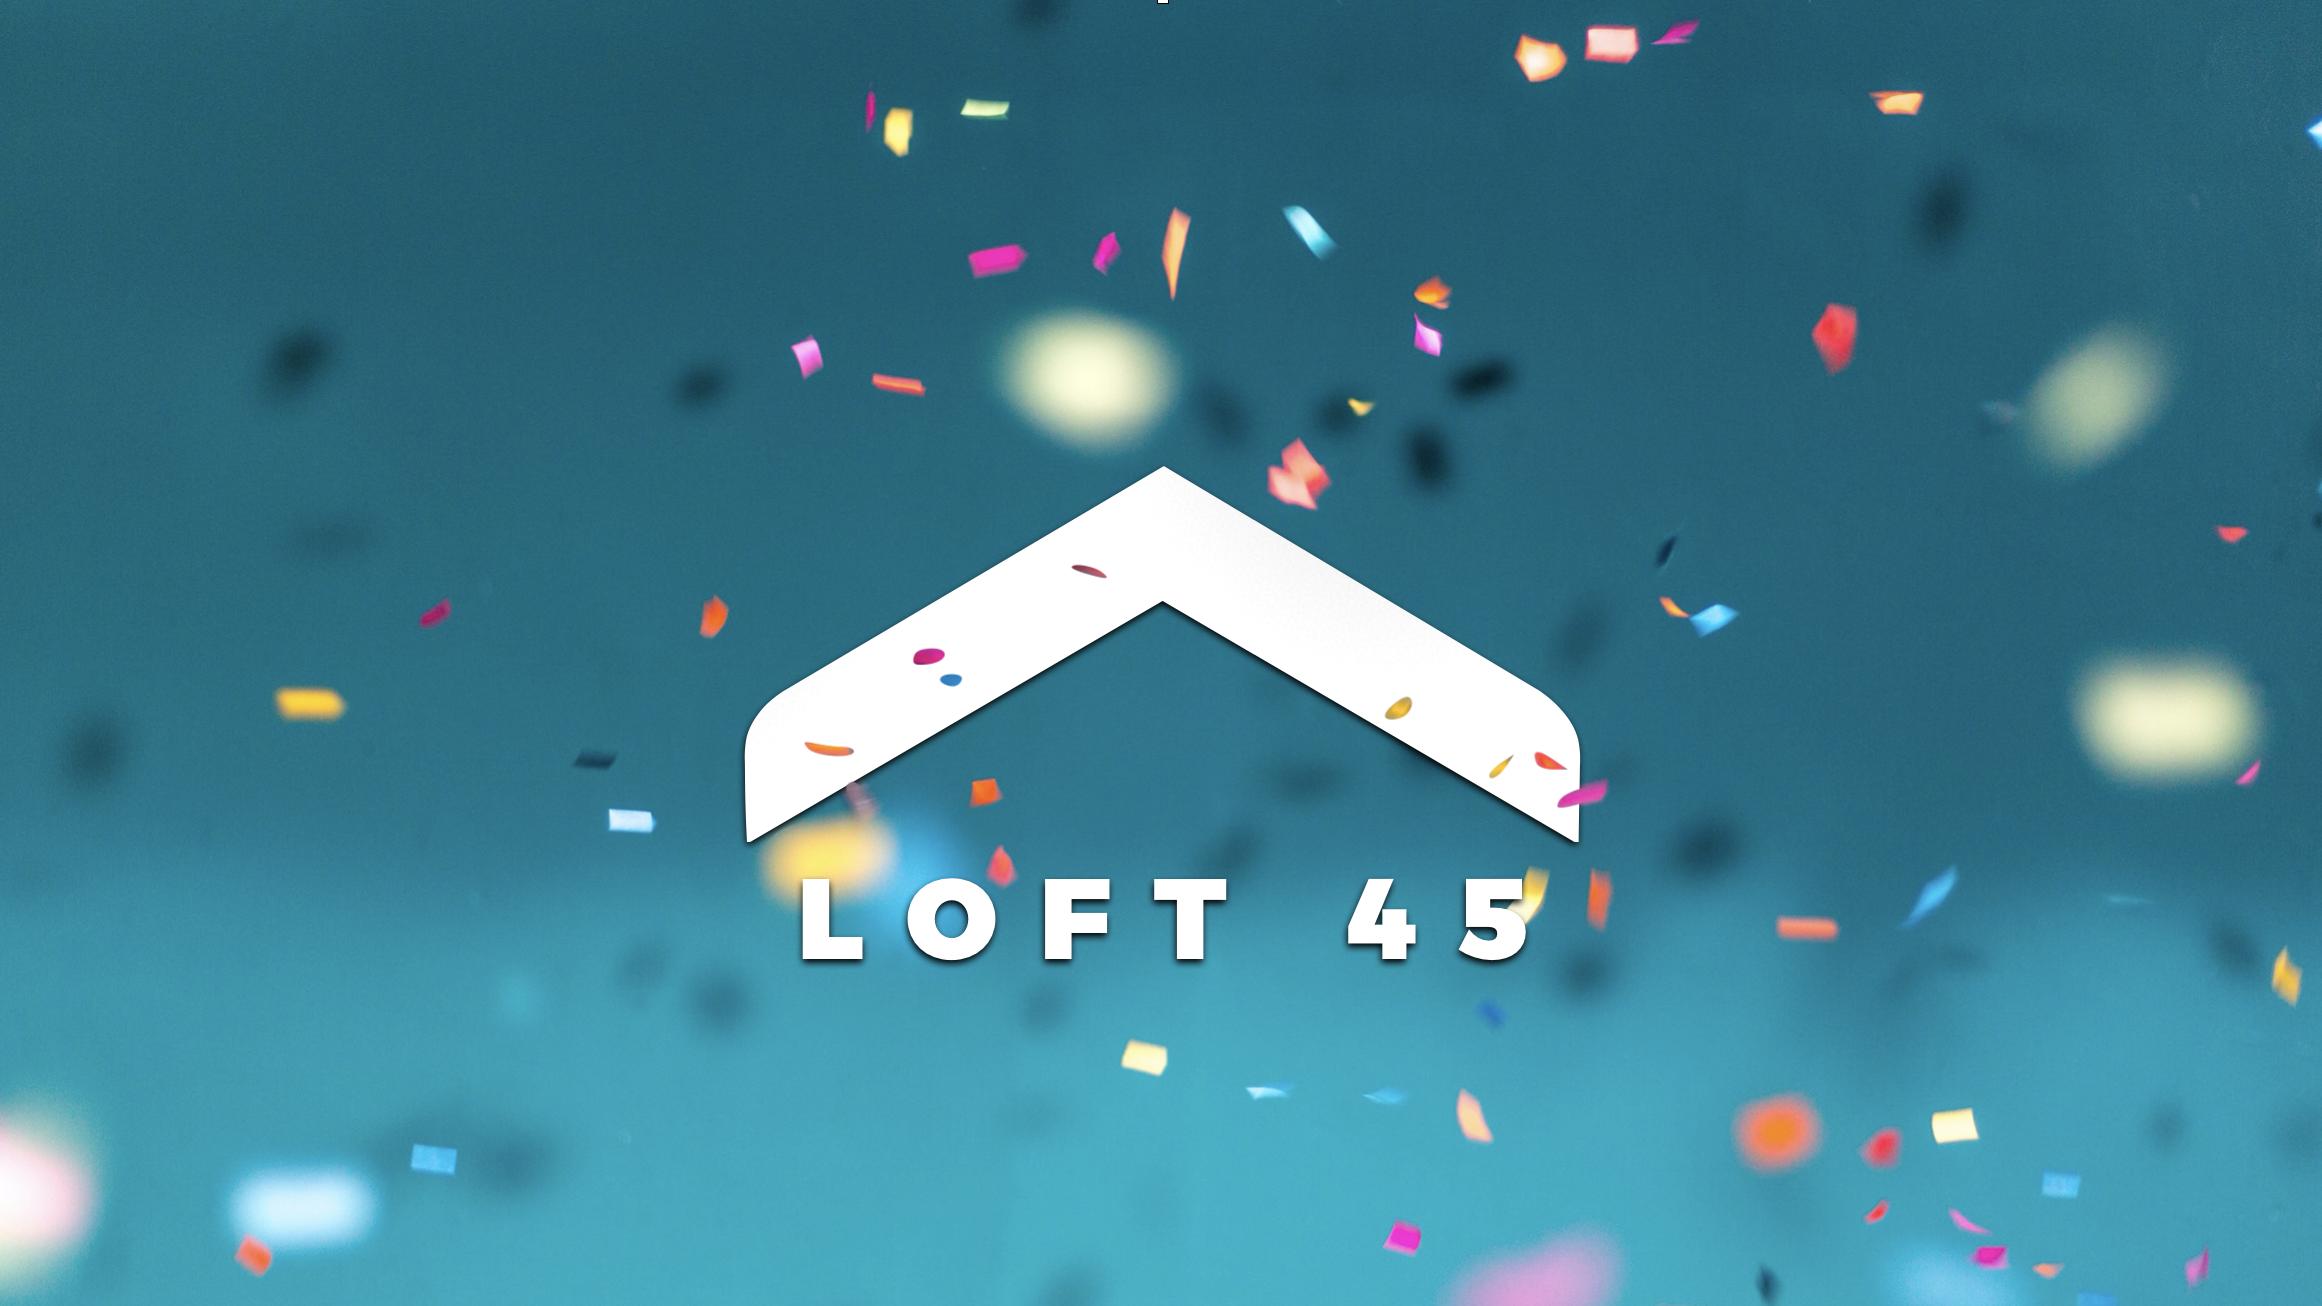 45 logo.png